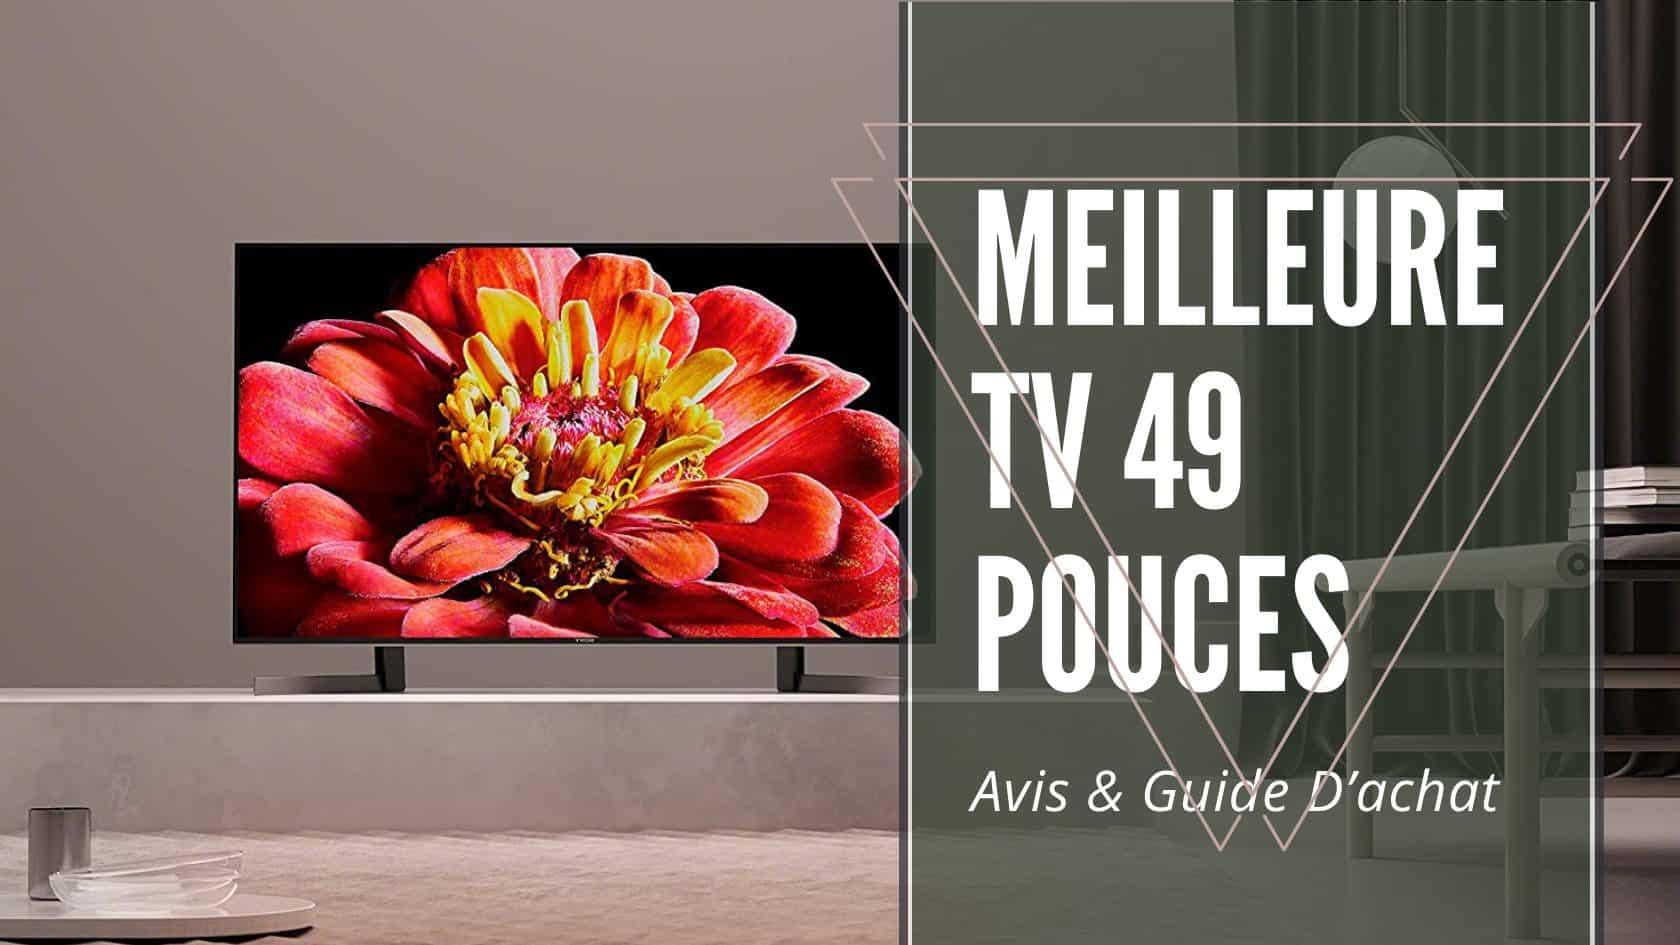 Meilleure Tv 49 Pouces